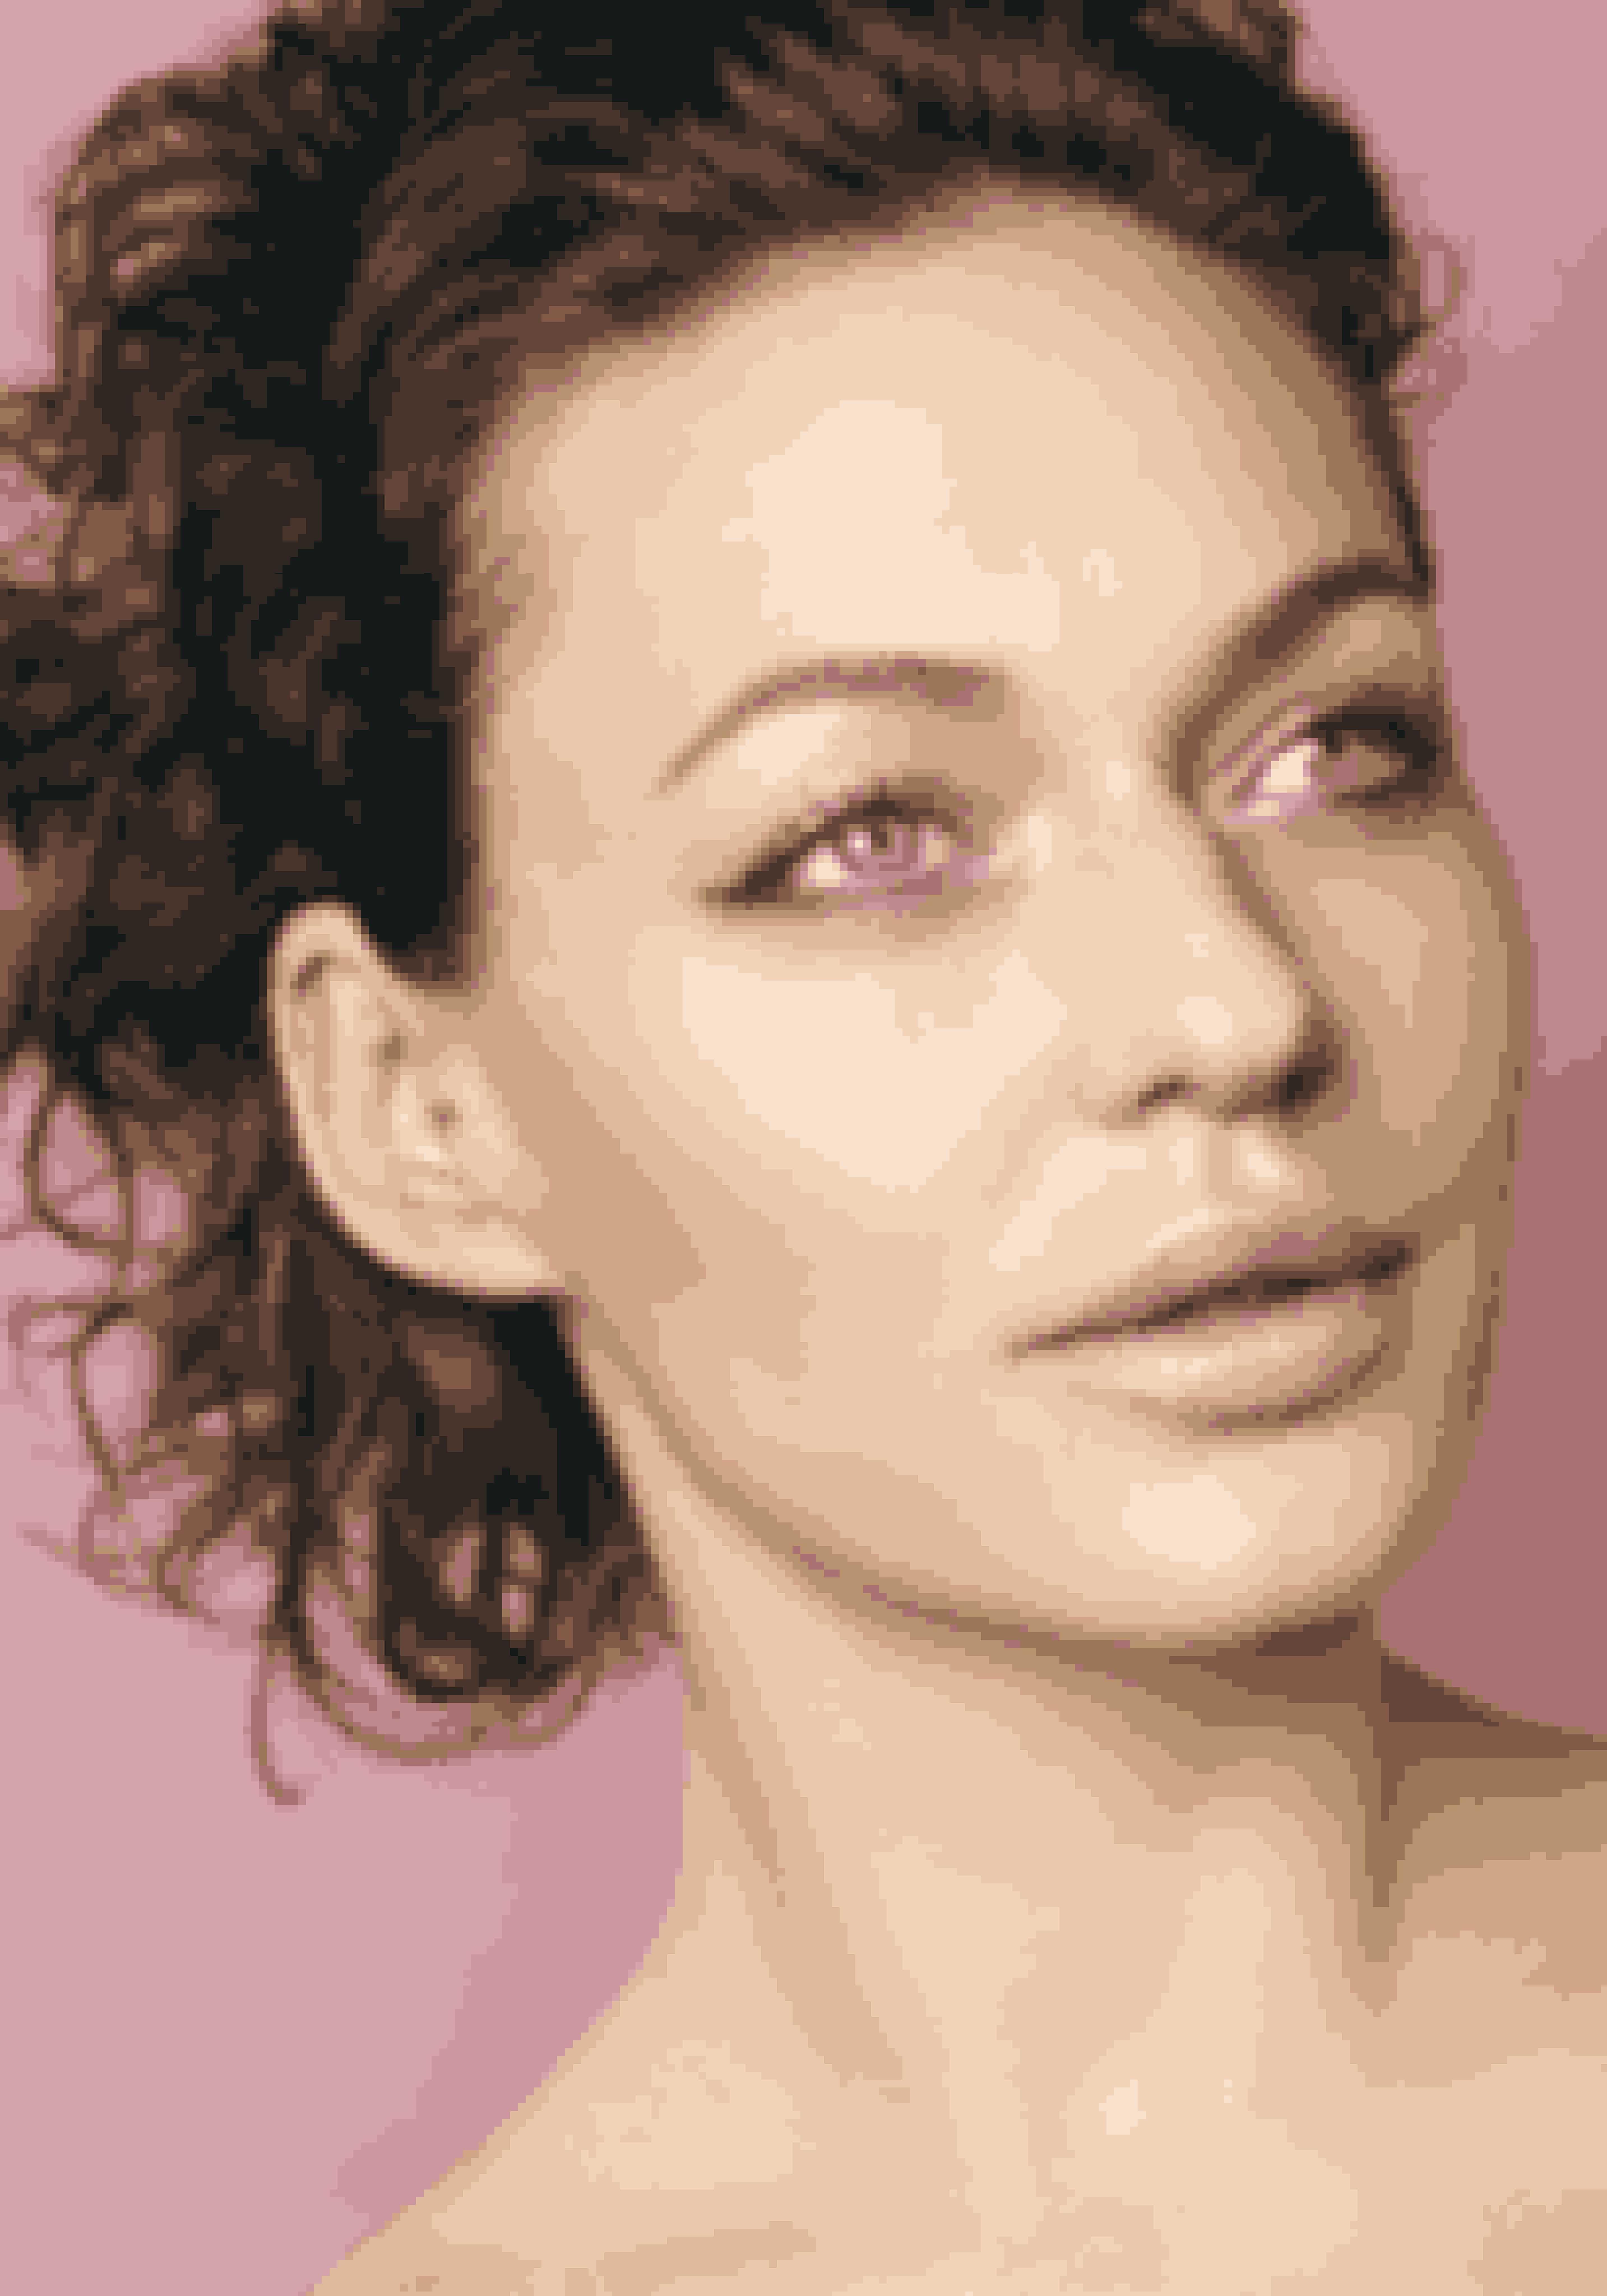 Der er lagt vægt på shimmer, shine og metallisk øjenskygge og eyeliner. Hvis du er bange for, at de glitrende øjenskygger lægger sig i de fine linjer omkring øjnene, så nøjes med en fin metallisk eyeliner. Vælg gerne en farve, du normalt ikke bruger – det er sommer, og der må gerne ske lidt! Grøn, blå og turkis eyeliner kan gøre meget nyt for dit look.